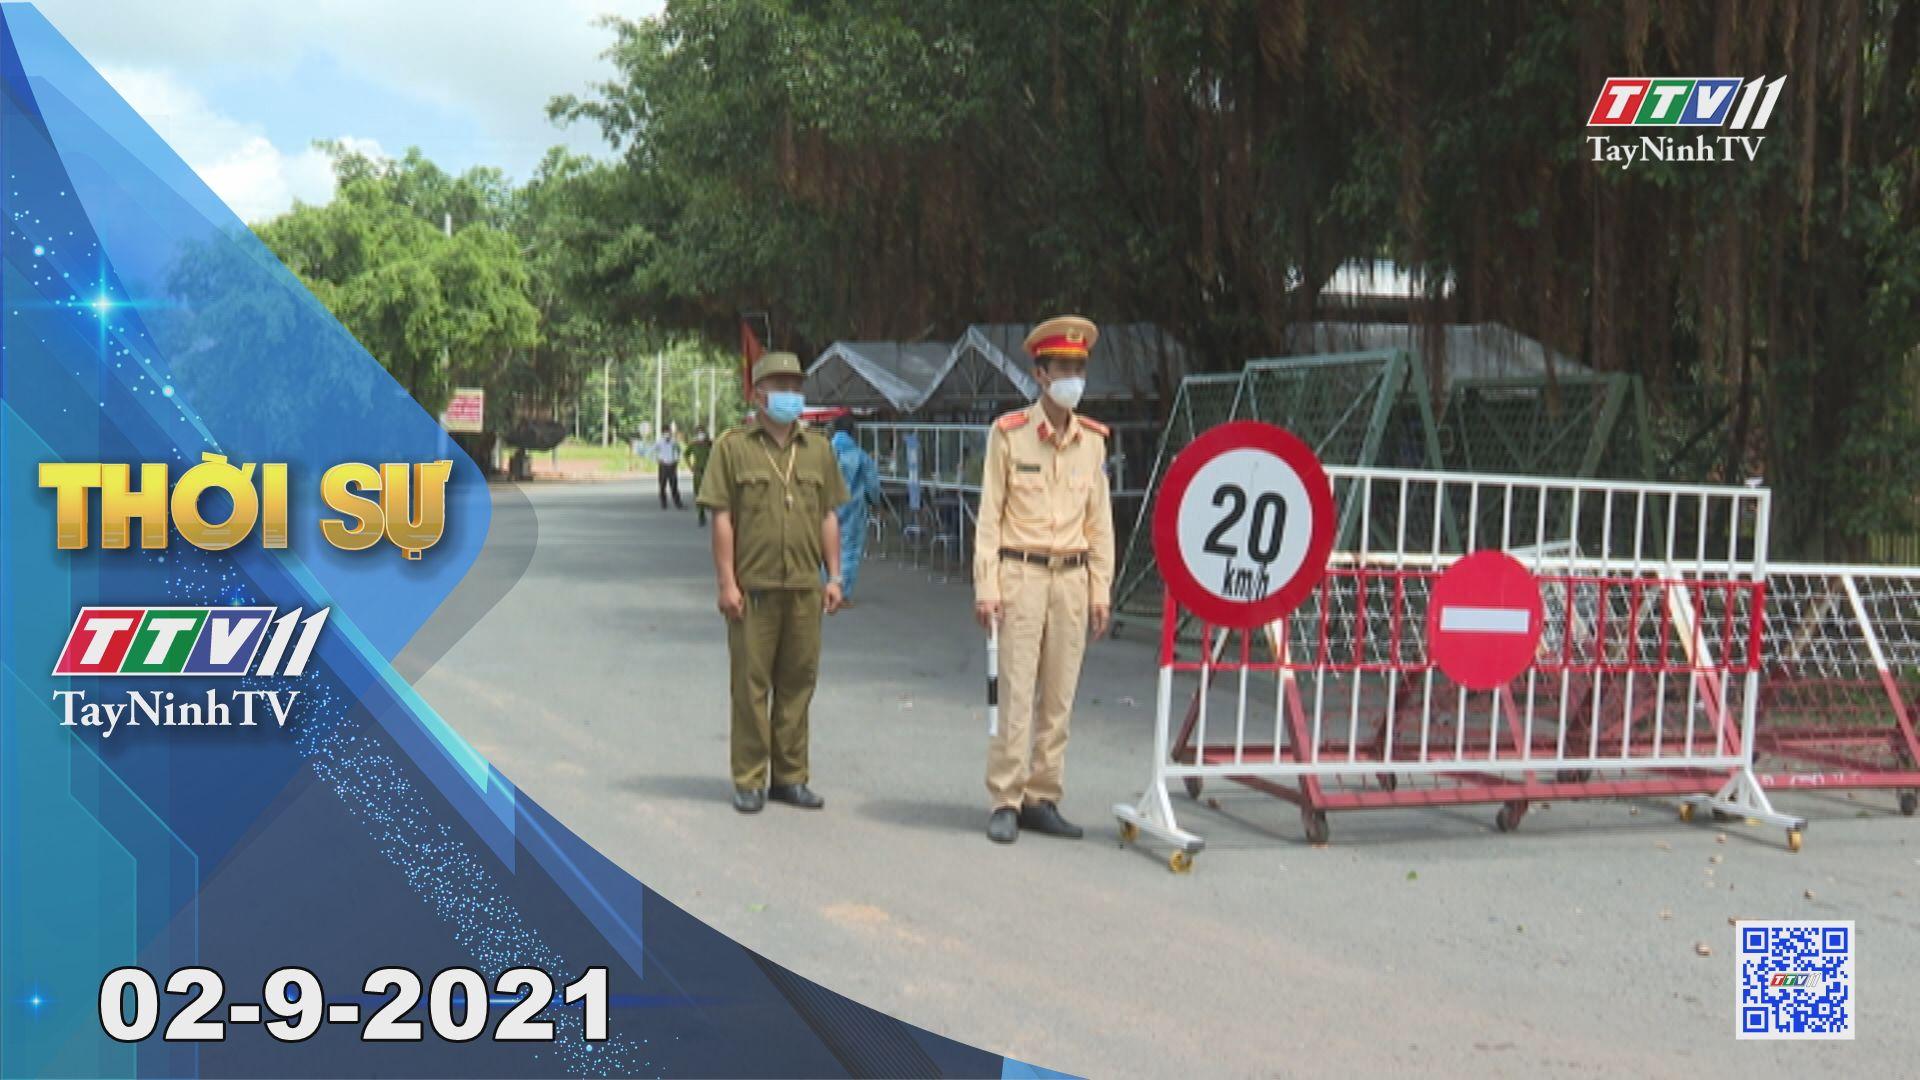 Thời sự Tây Ninh 02-9-2021 | Tin tức hôm nay | TayNinhTV